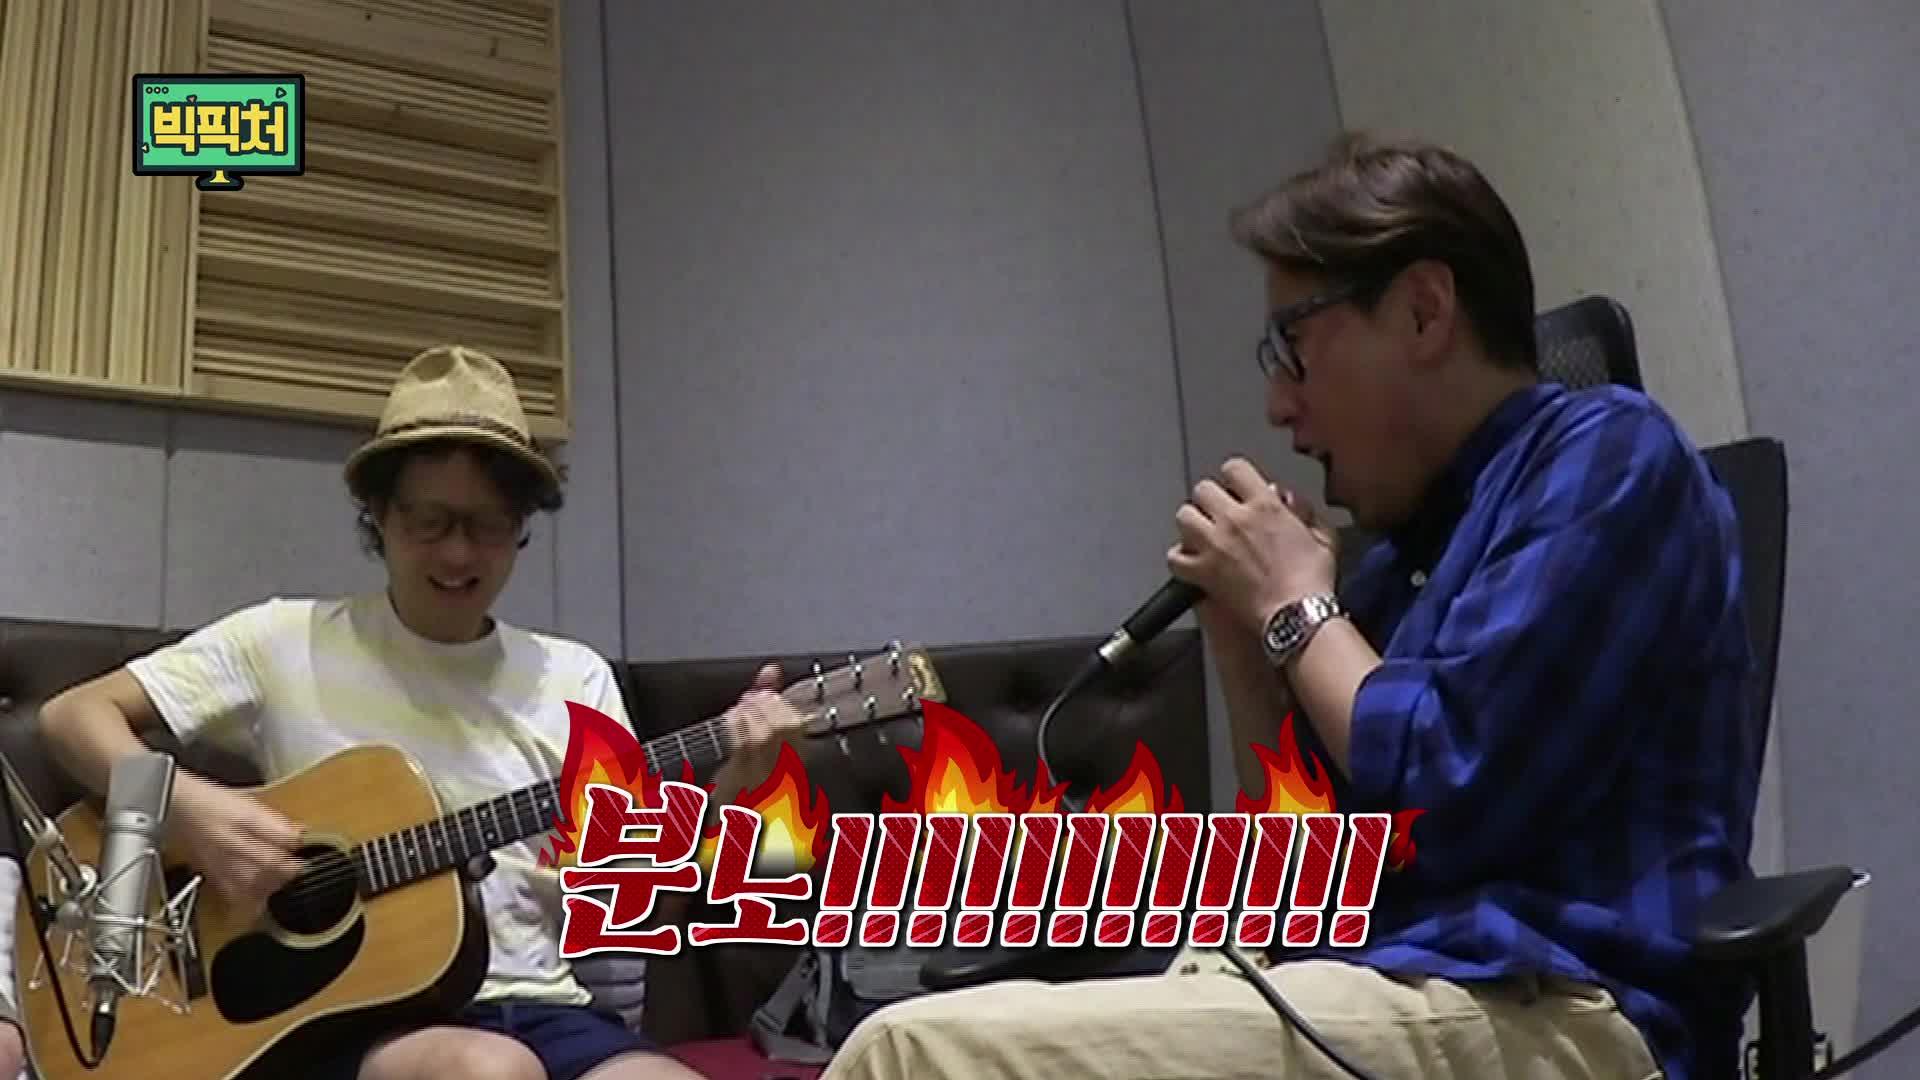 빅픽처 깜짝 영상 7 - [Full스토리] 윤종신의 눈물겨운 BGM 작업 대공개